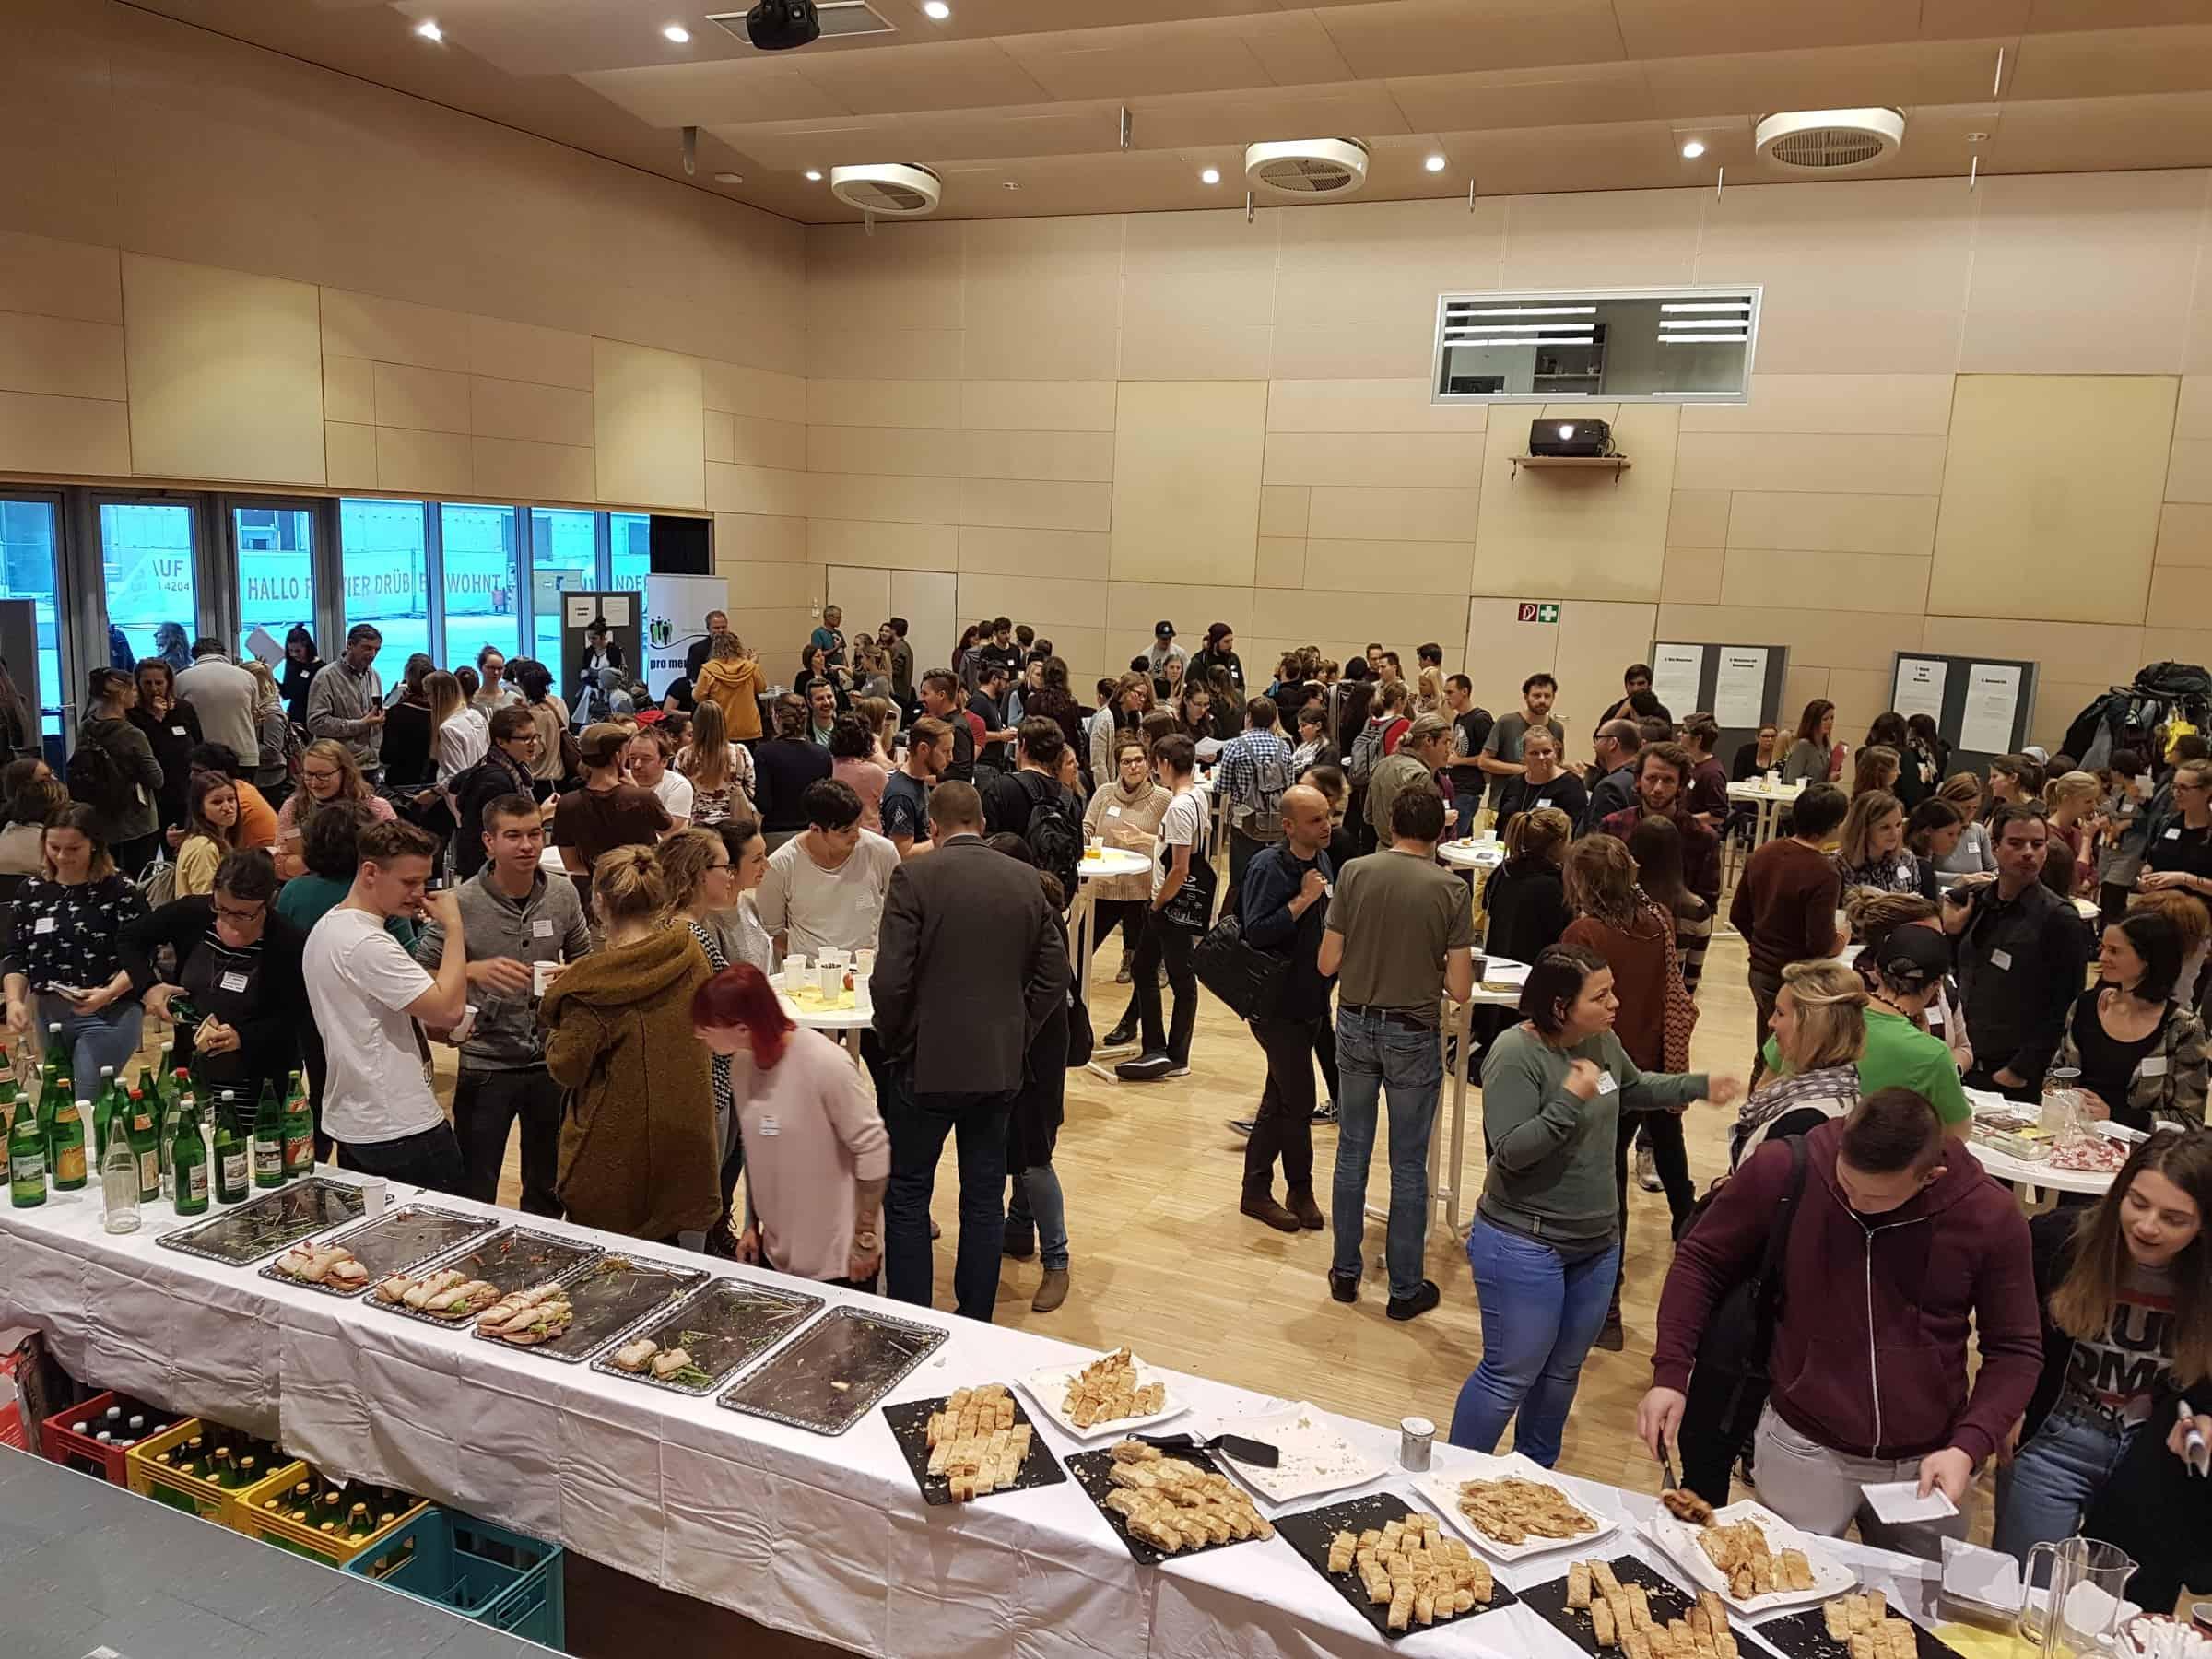 Praktikumsbörse: über 200 Personen im Gespräch